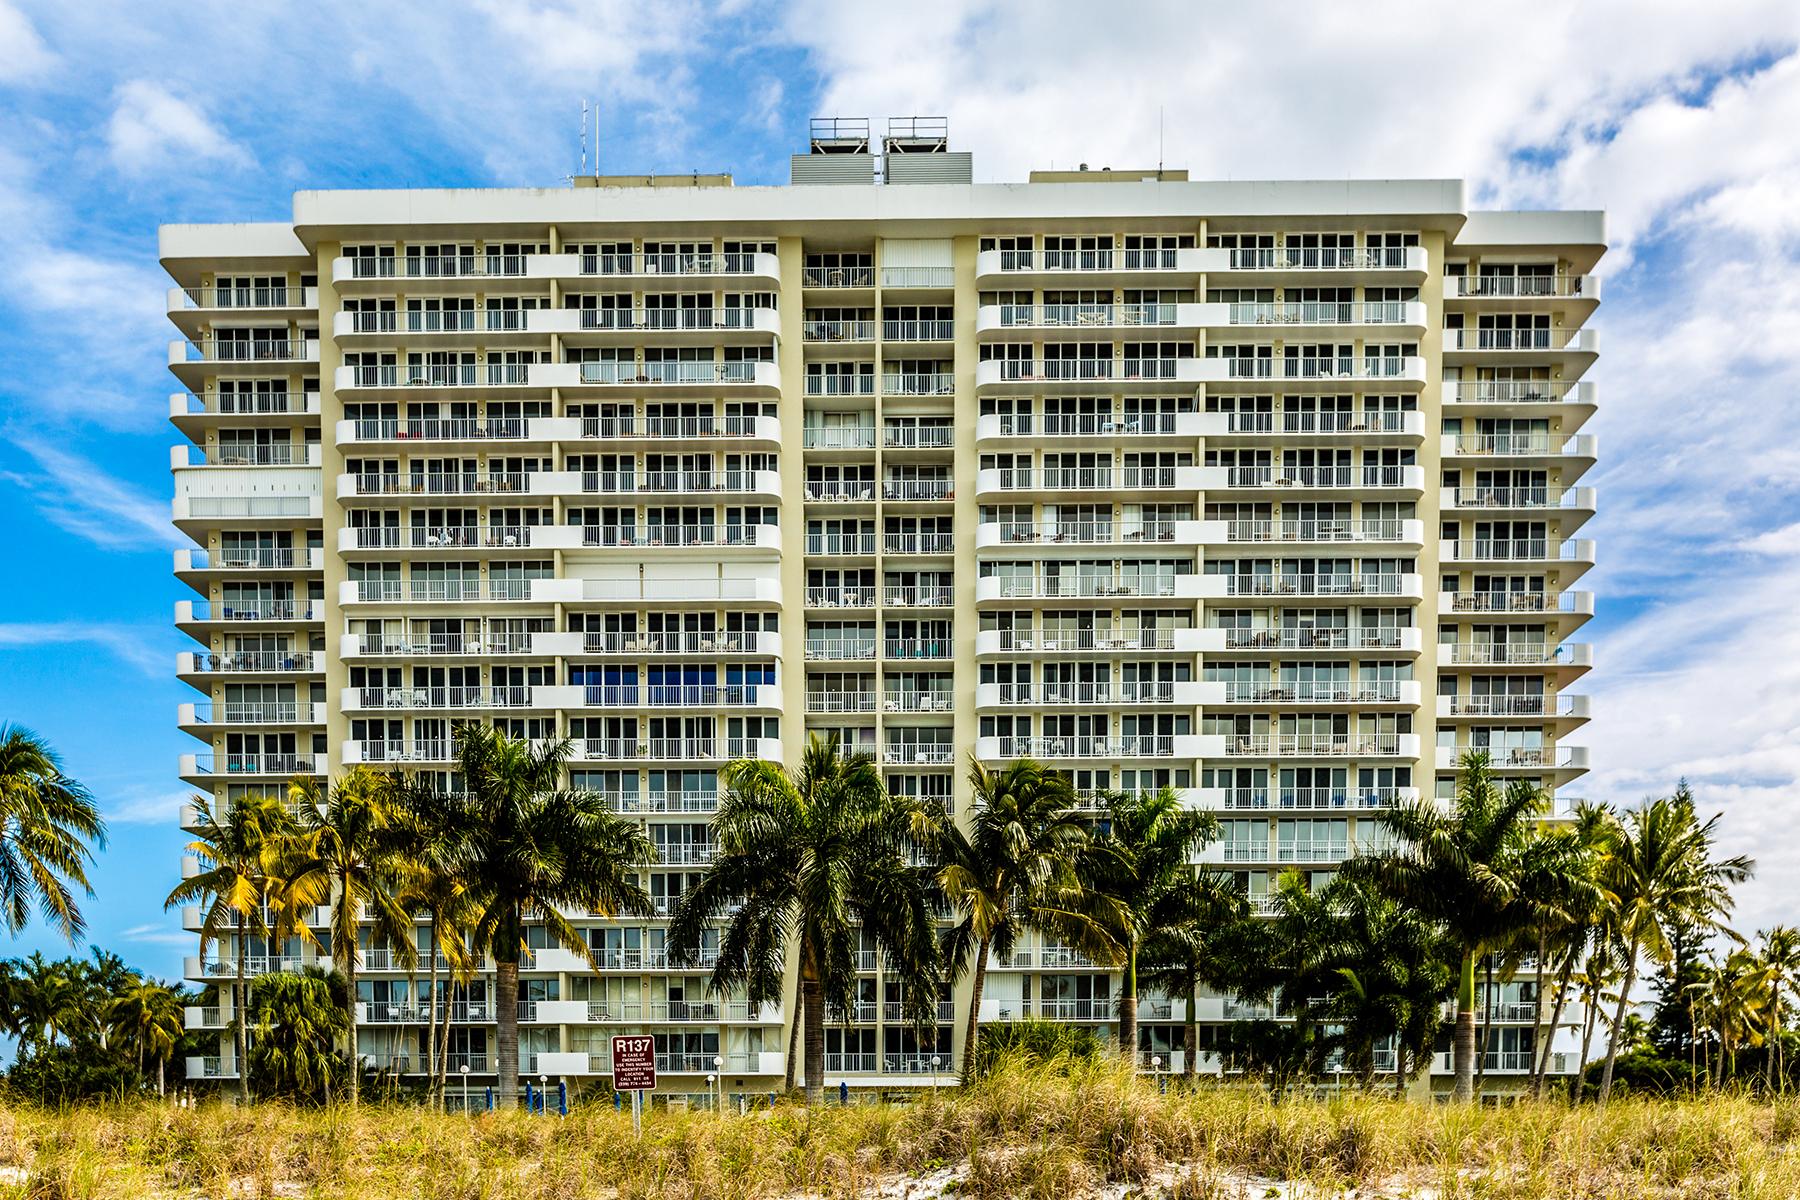 Condomínio para Venda às ADMIRALTY HOUSE - ADMIRALTY HOUSE 140 Seaview Ct 1604 N Marco Island, Florida, 34145 Estados Unidos